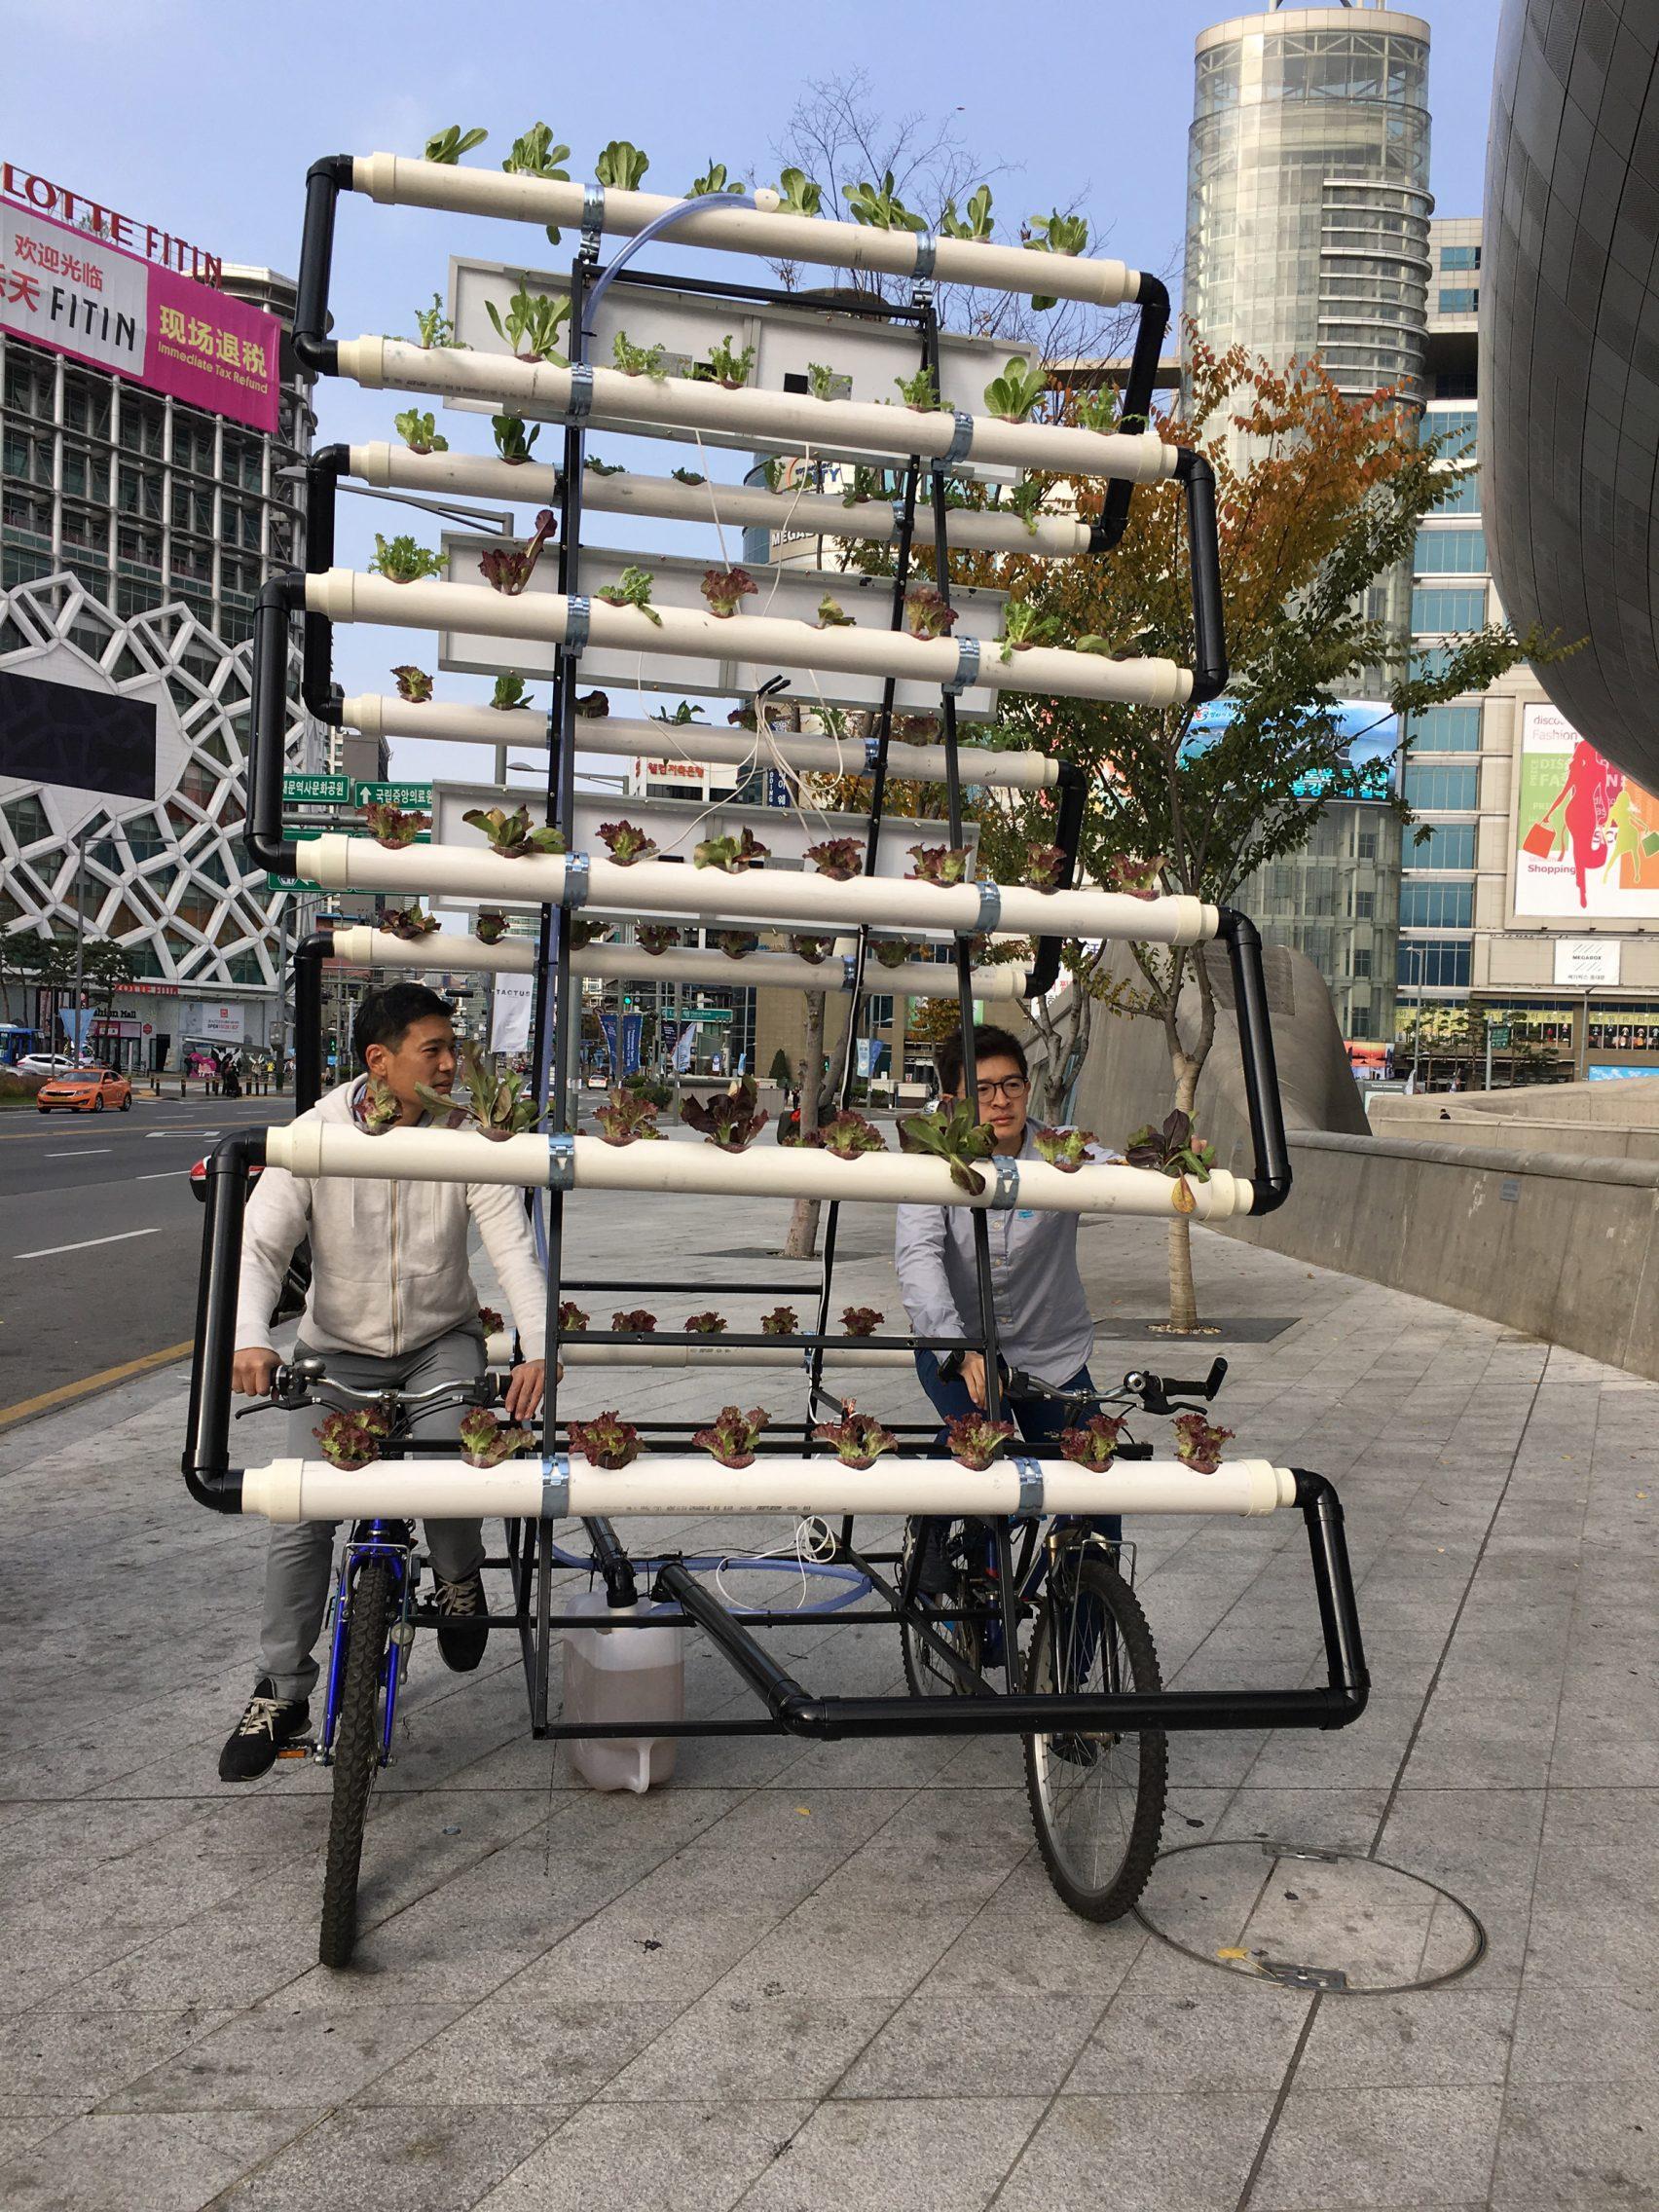 idesign bike share farm y tuong giup dan thanh thi chiu kho trong cay hon 04